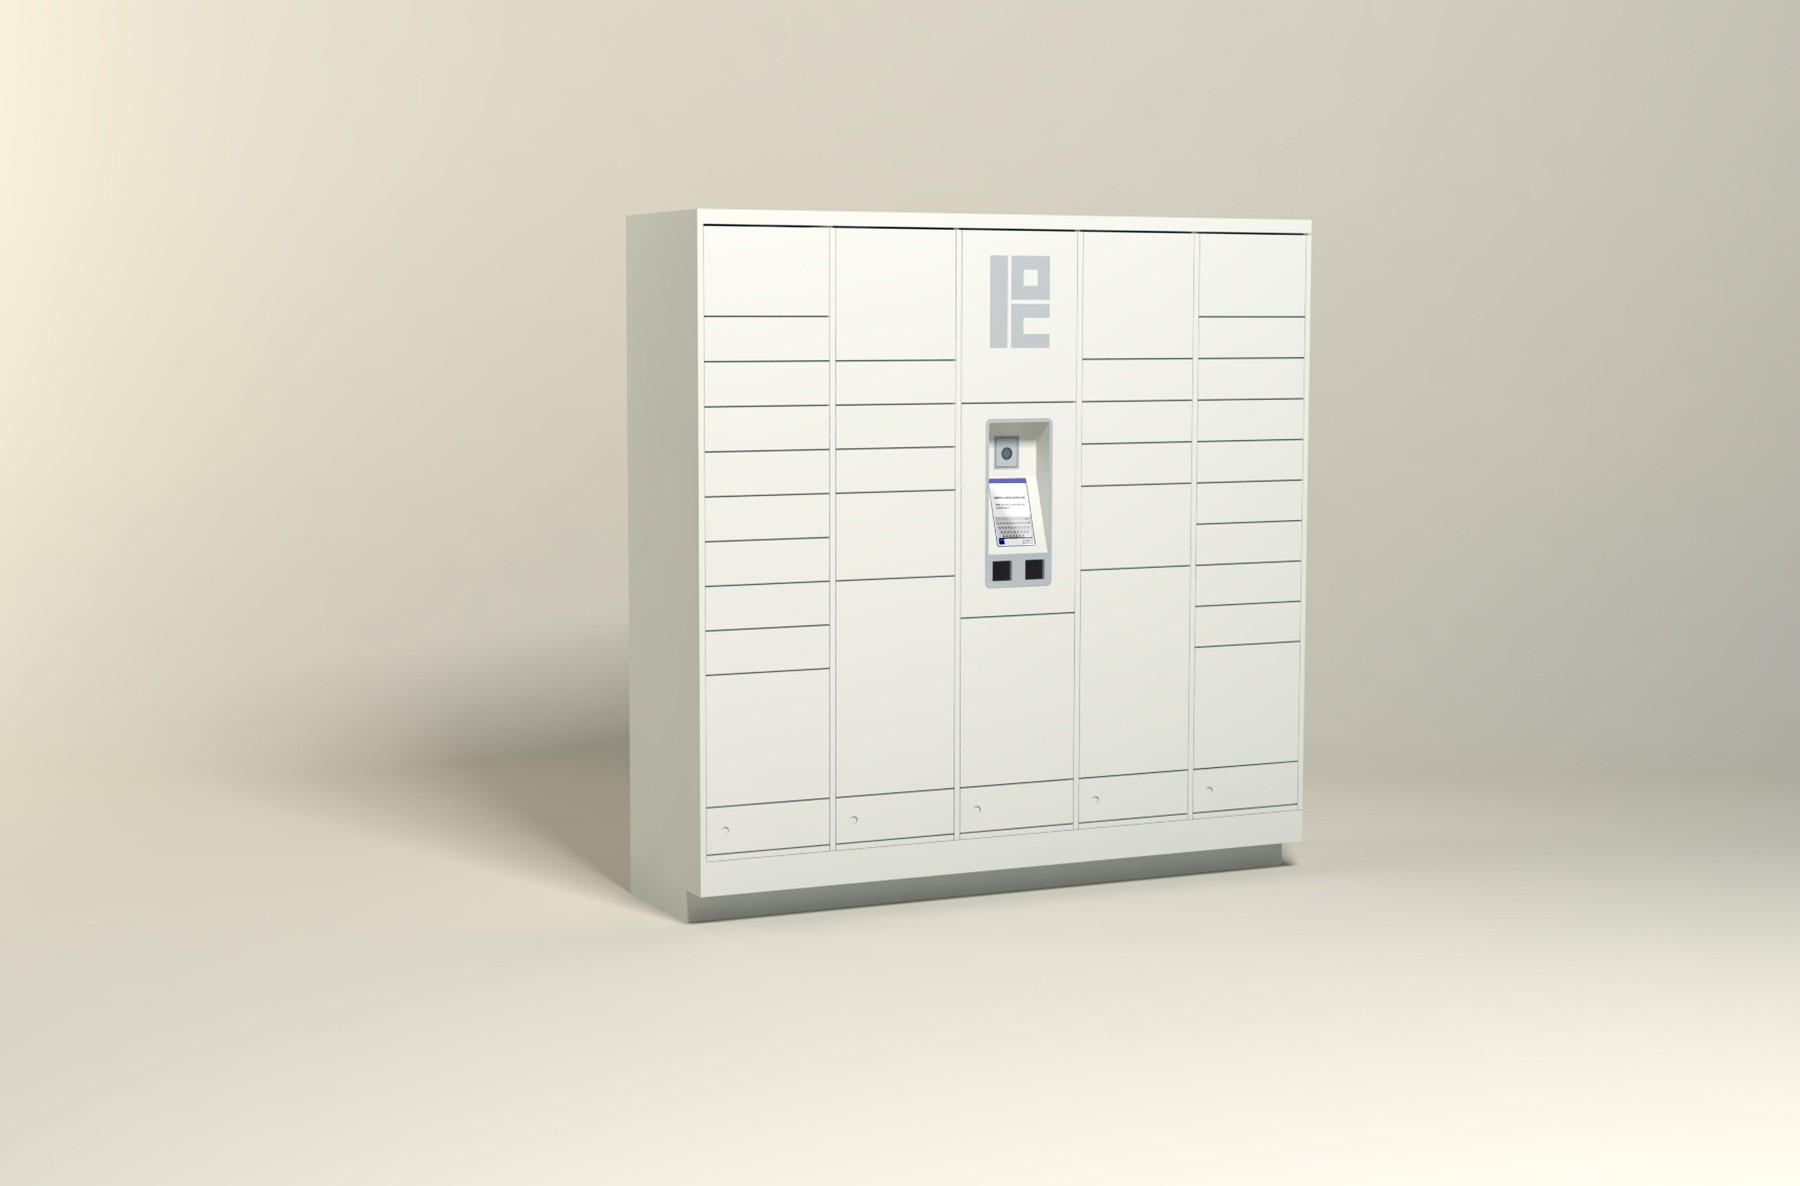 100 Unit - 34 Total Openings - Steel Smart Locker